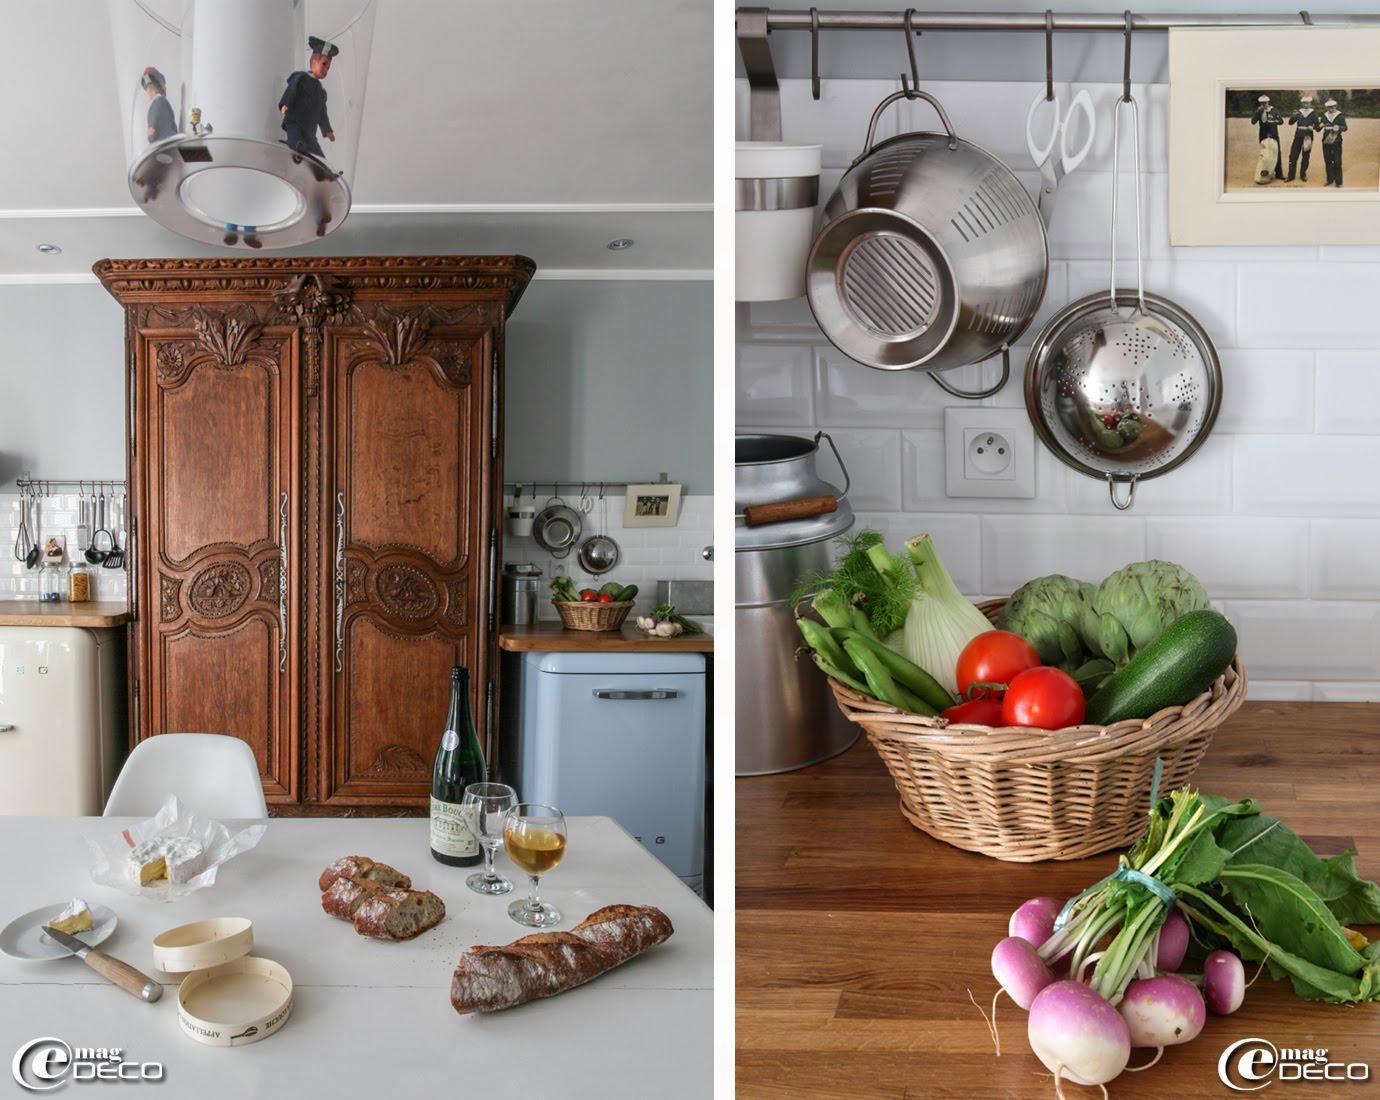 La maison matelot e magdeco magazine de d coration for Decoration maison normande